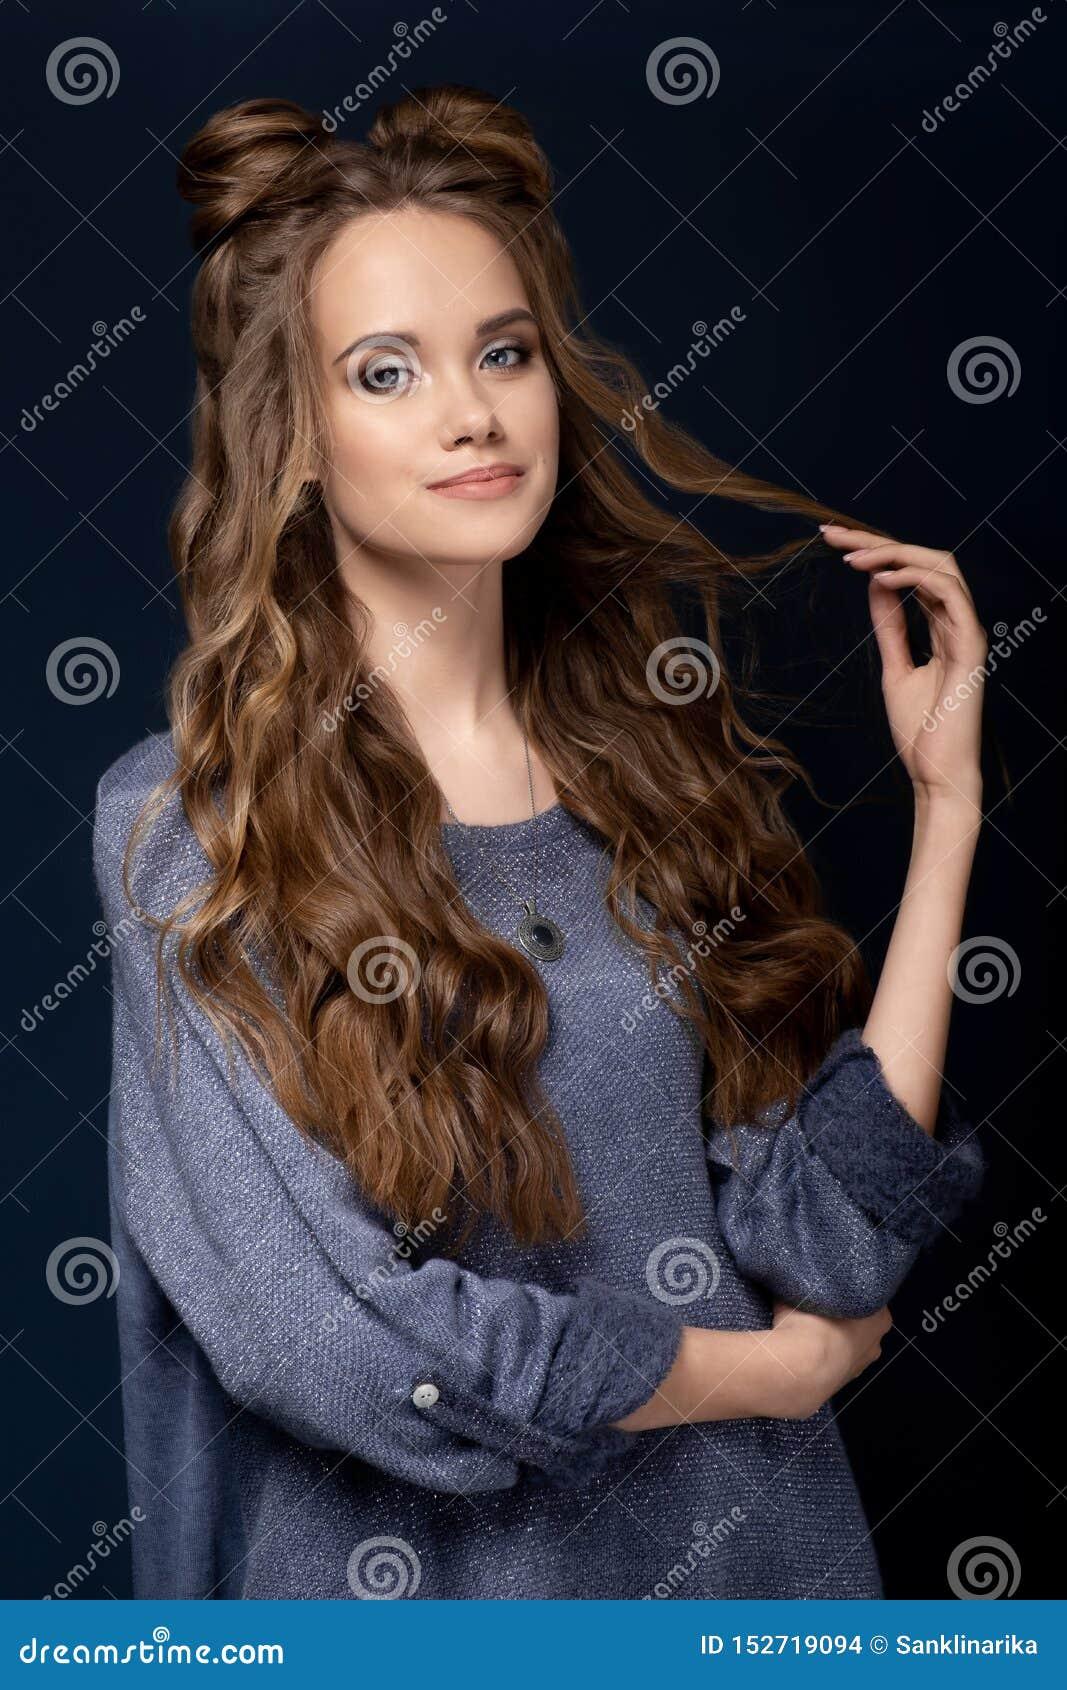 Une jeune fille mignonne dans une robe tricotée bleue sur un fond bleu avec une coupe de cheveux et de longs cheveux bouclés